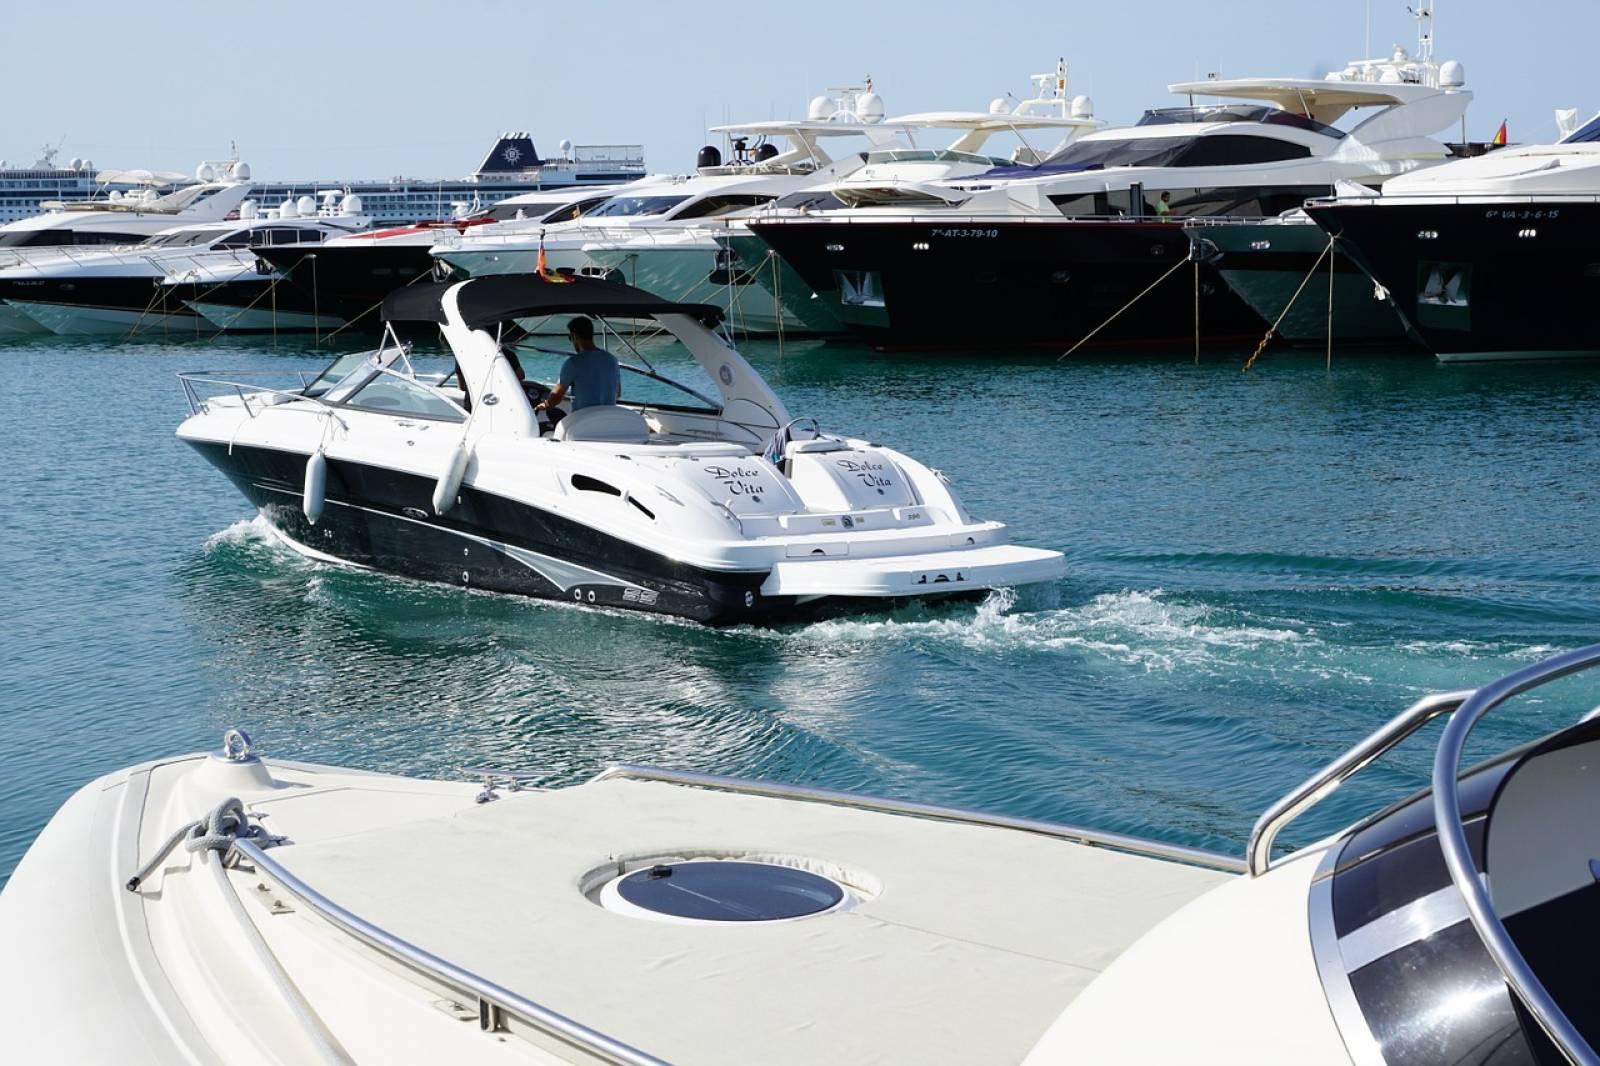 examen de code du permis bateau bassin d 39 arcachon formation rapide pour permis bateau c tier. Black Bedroom Furniture Sets. Home Design Ideas